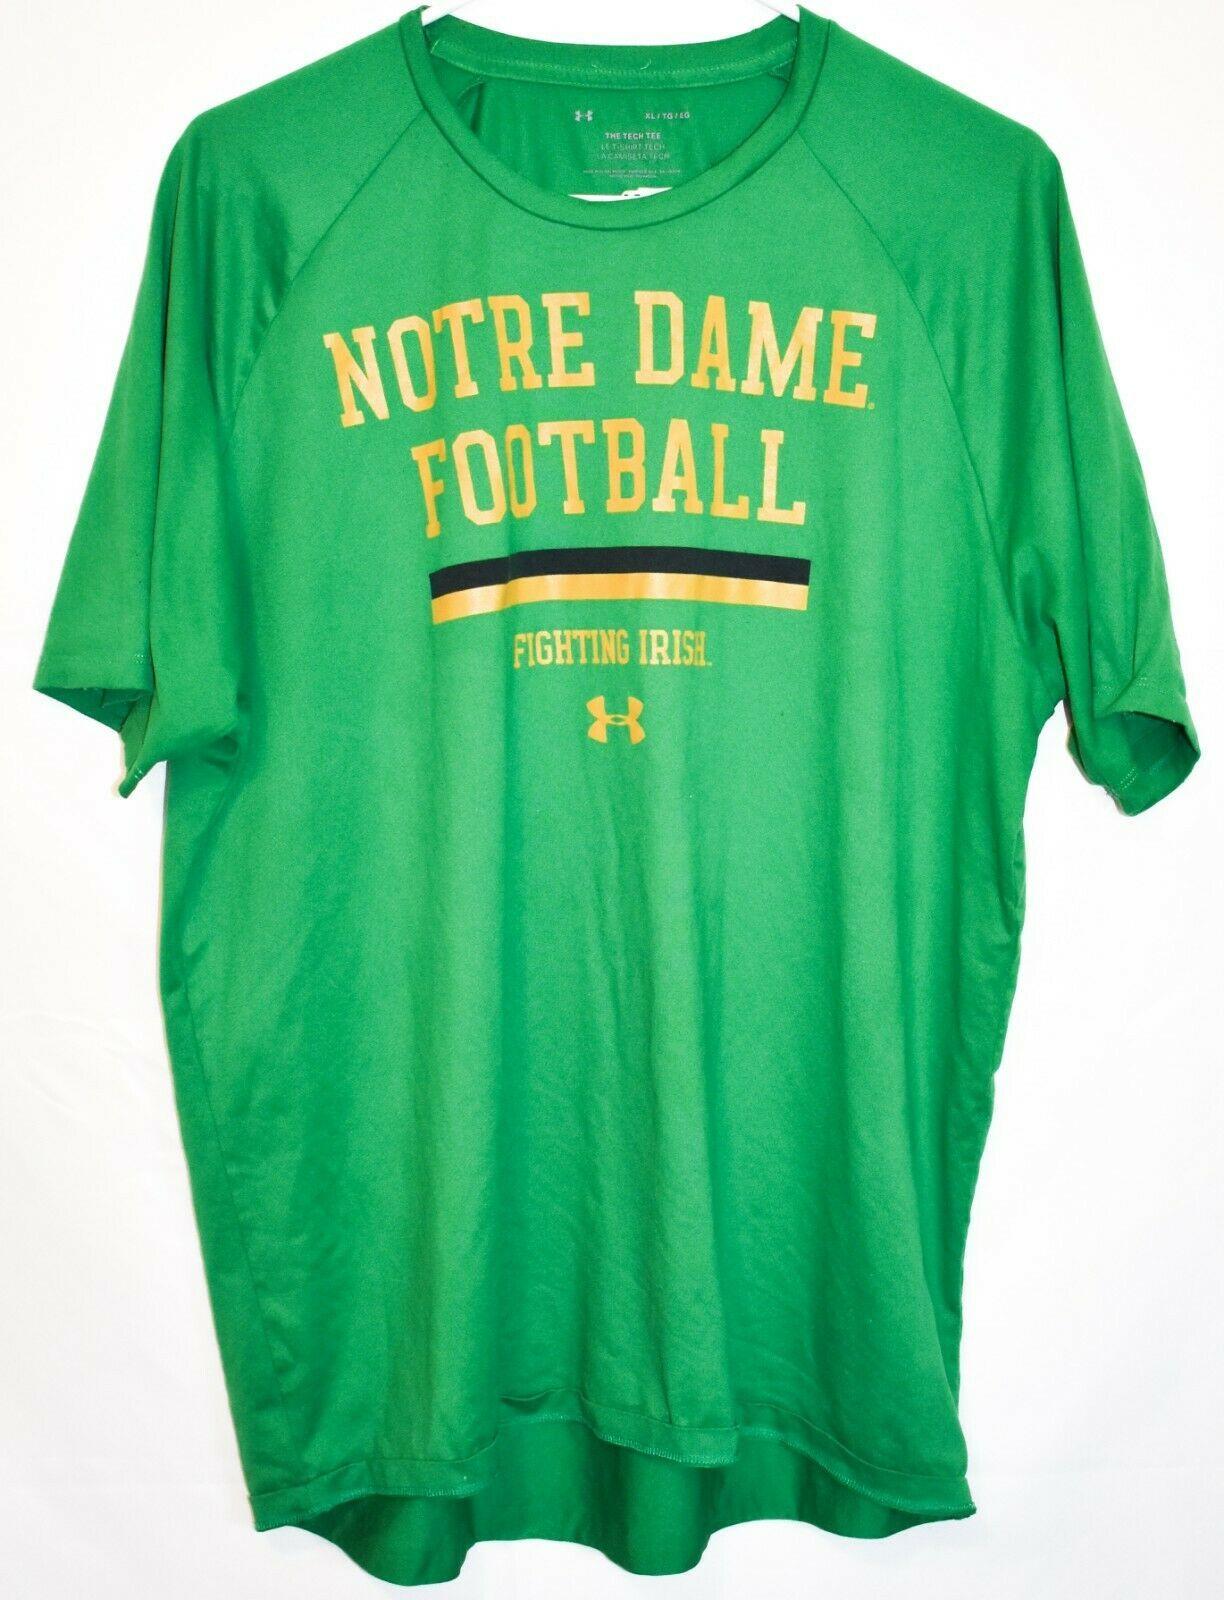 Under Armour Tech Tee Green Notre Dame Football Fighting Irish Men's Shirt XL